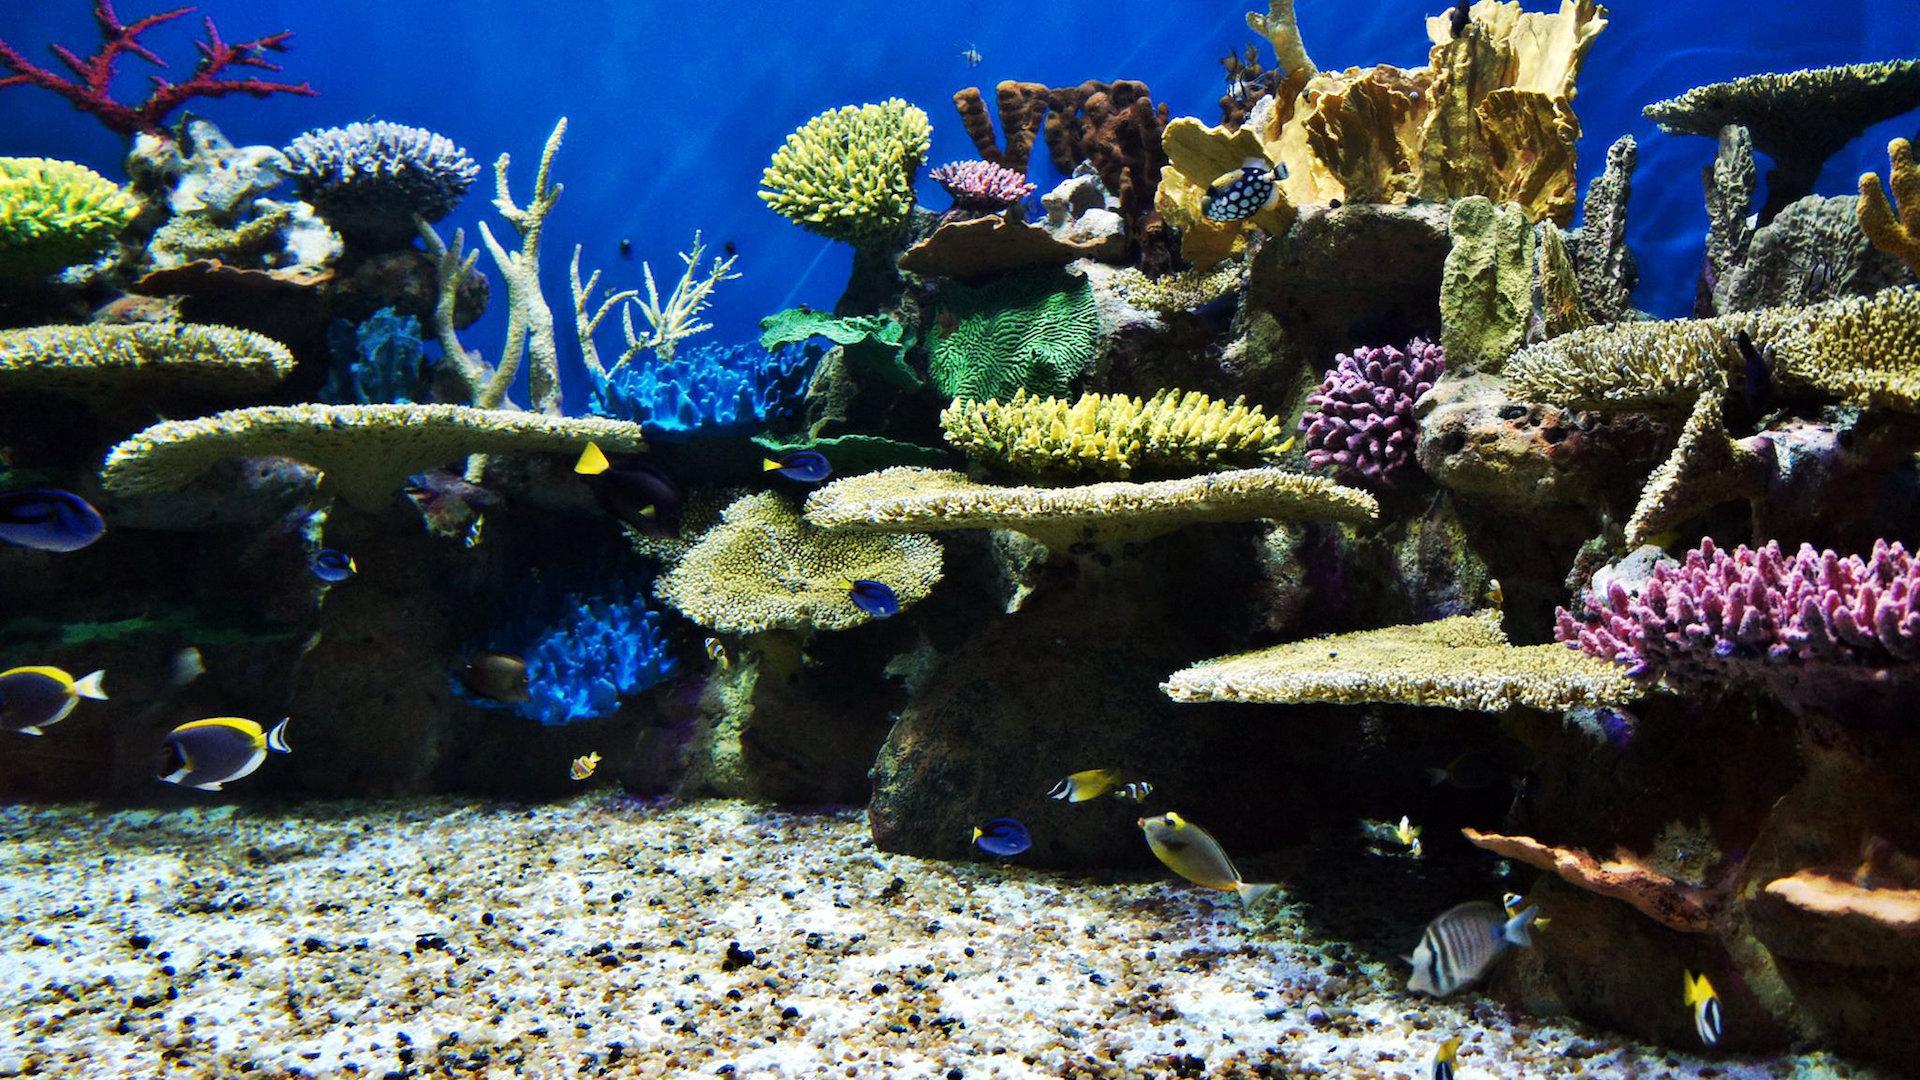 Inauguró en Río de Janeiro el acuario más grande de Sudamérica: AquaRio